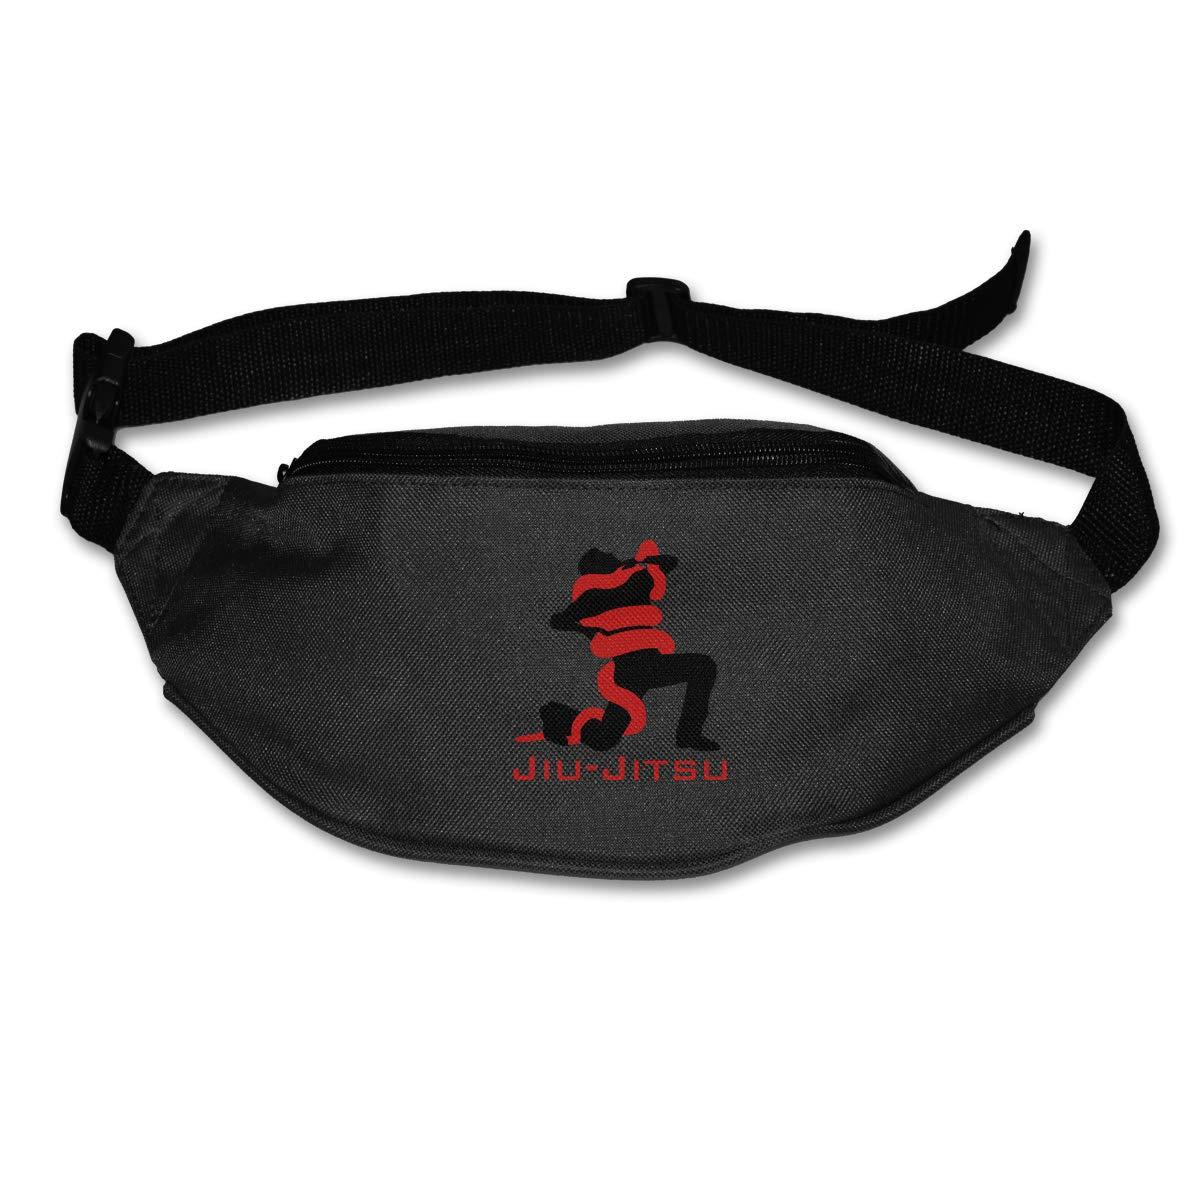 Jiu-Jitsu Snake Sport Waist Packs Fanny Pack Adjustable For Hike